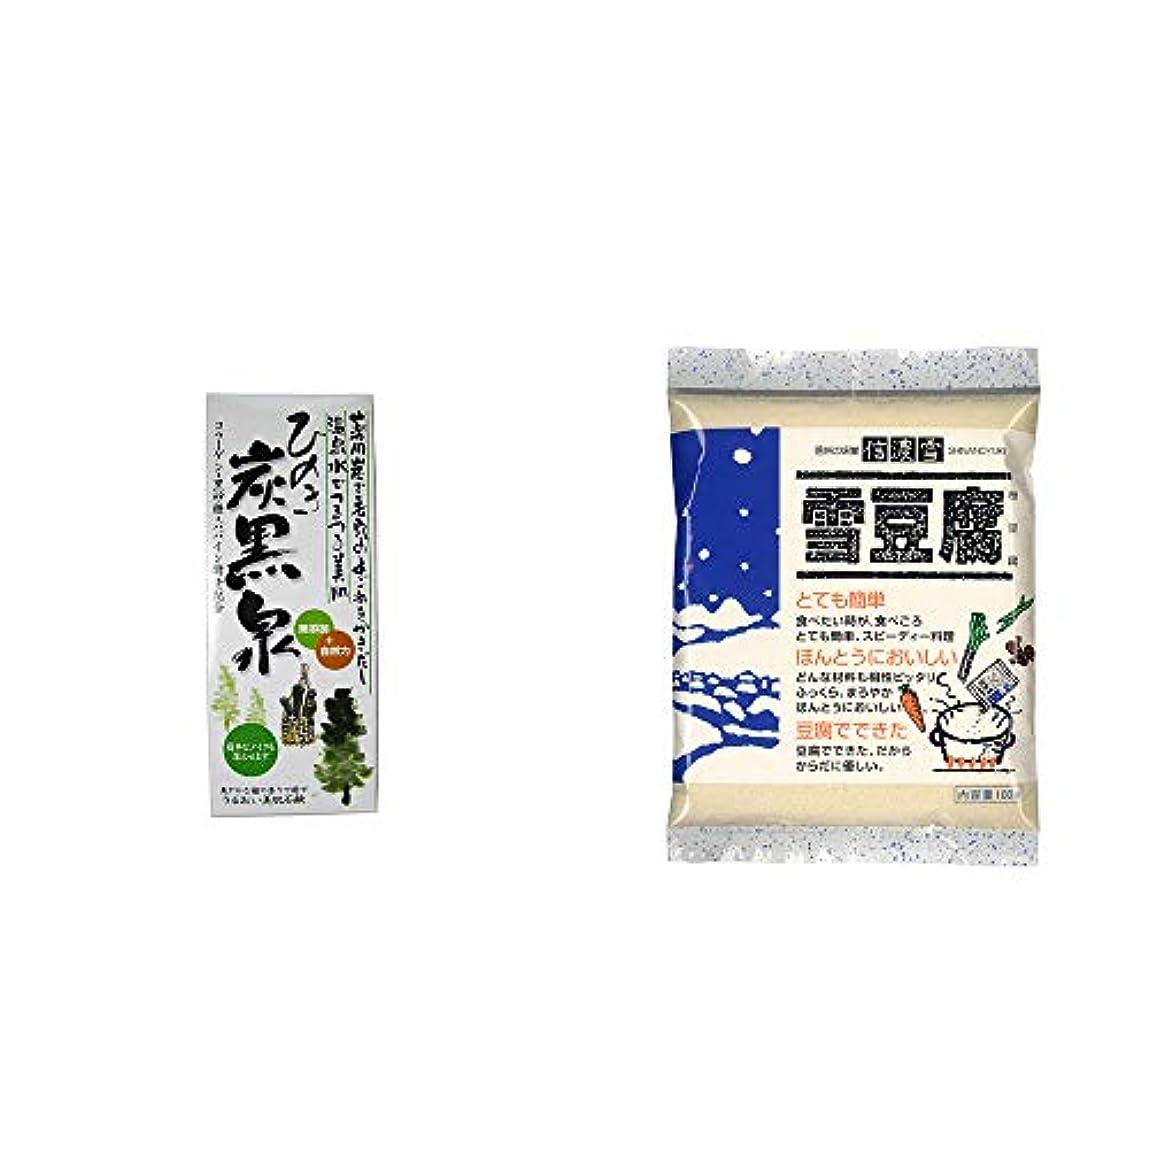 年次ペパーミントドル[2点セット] ひのき炭黒泉 箱入り(75g×3)?信濃雪 雪豆腐(粉豆腐)(100g)